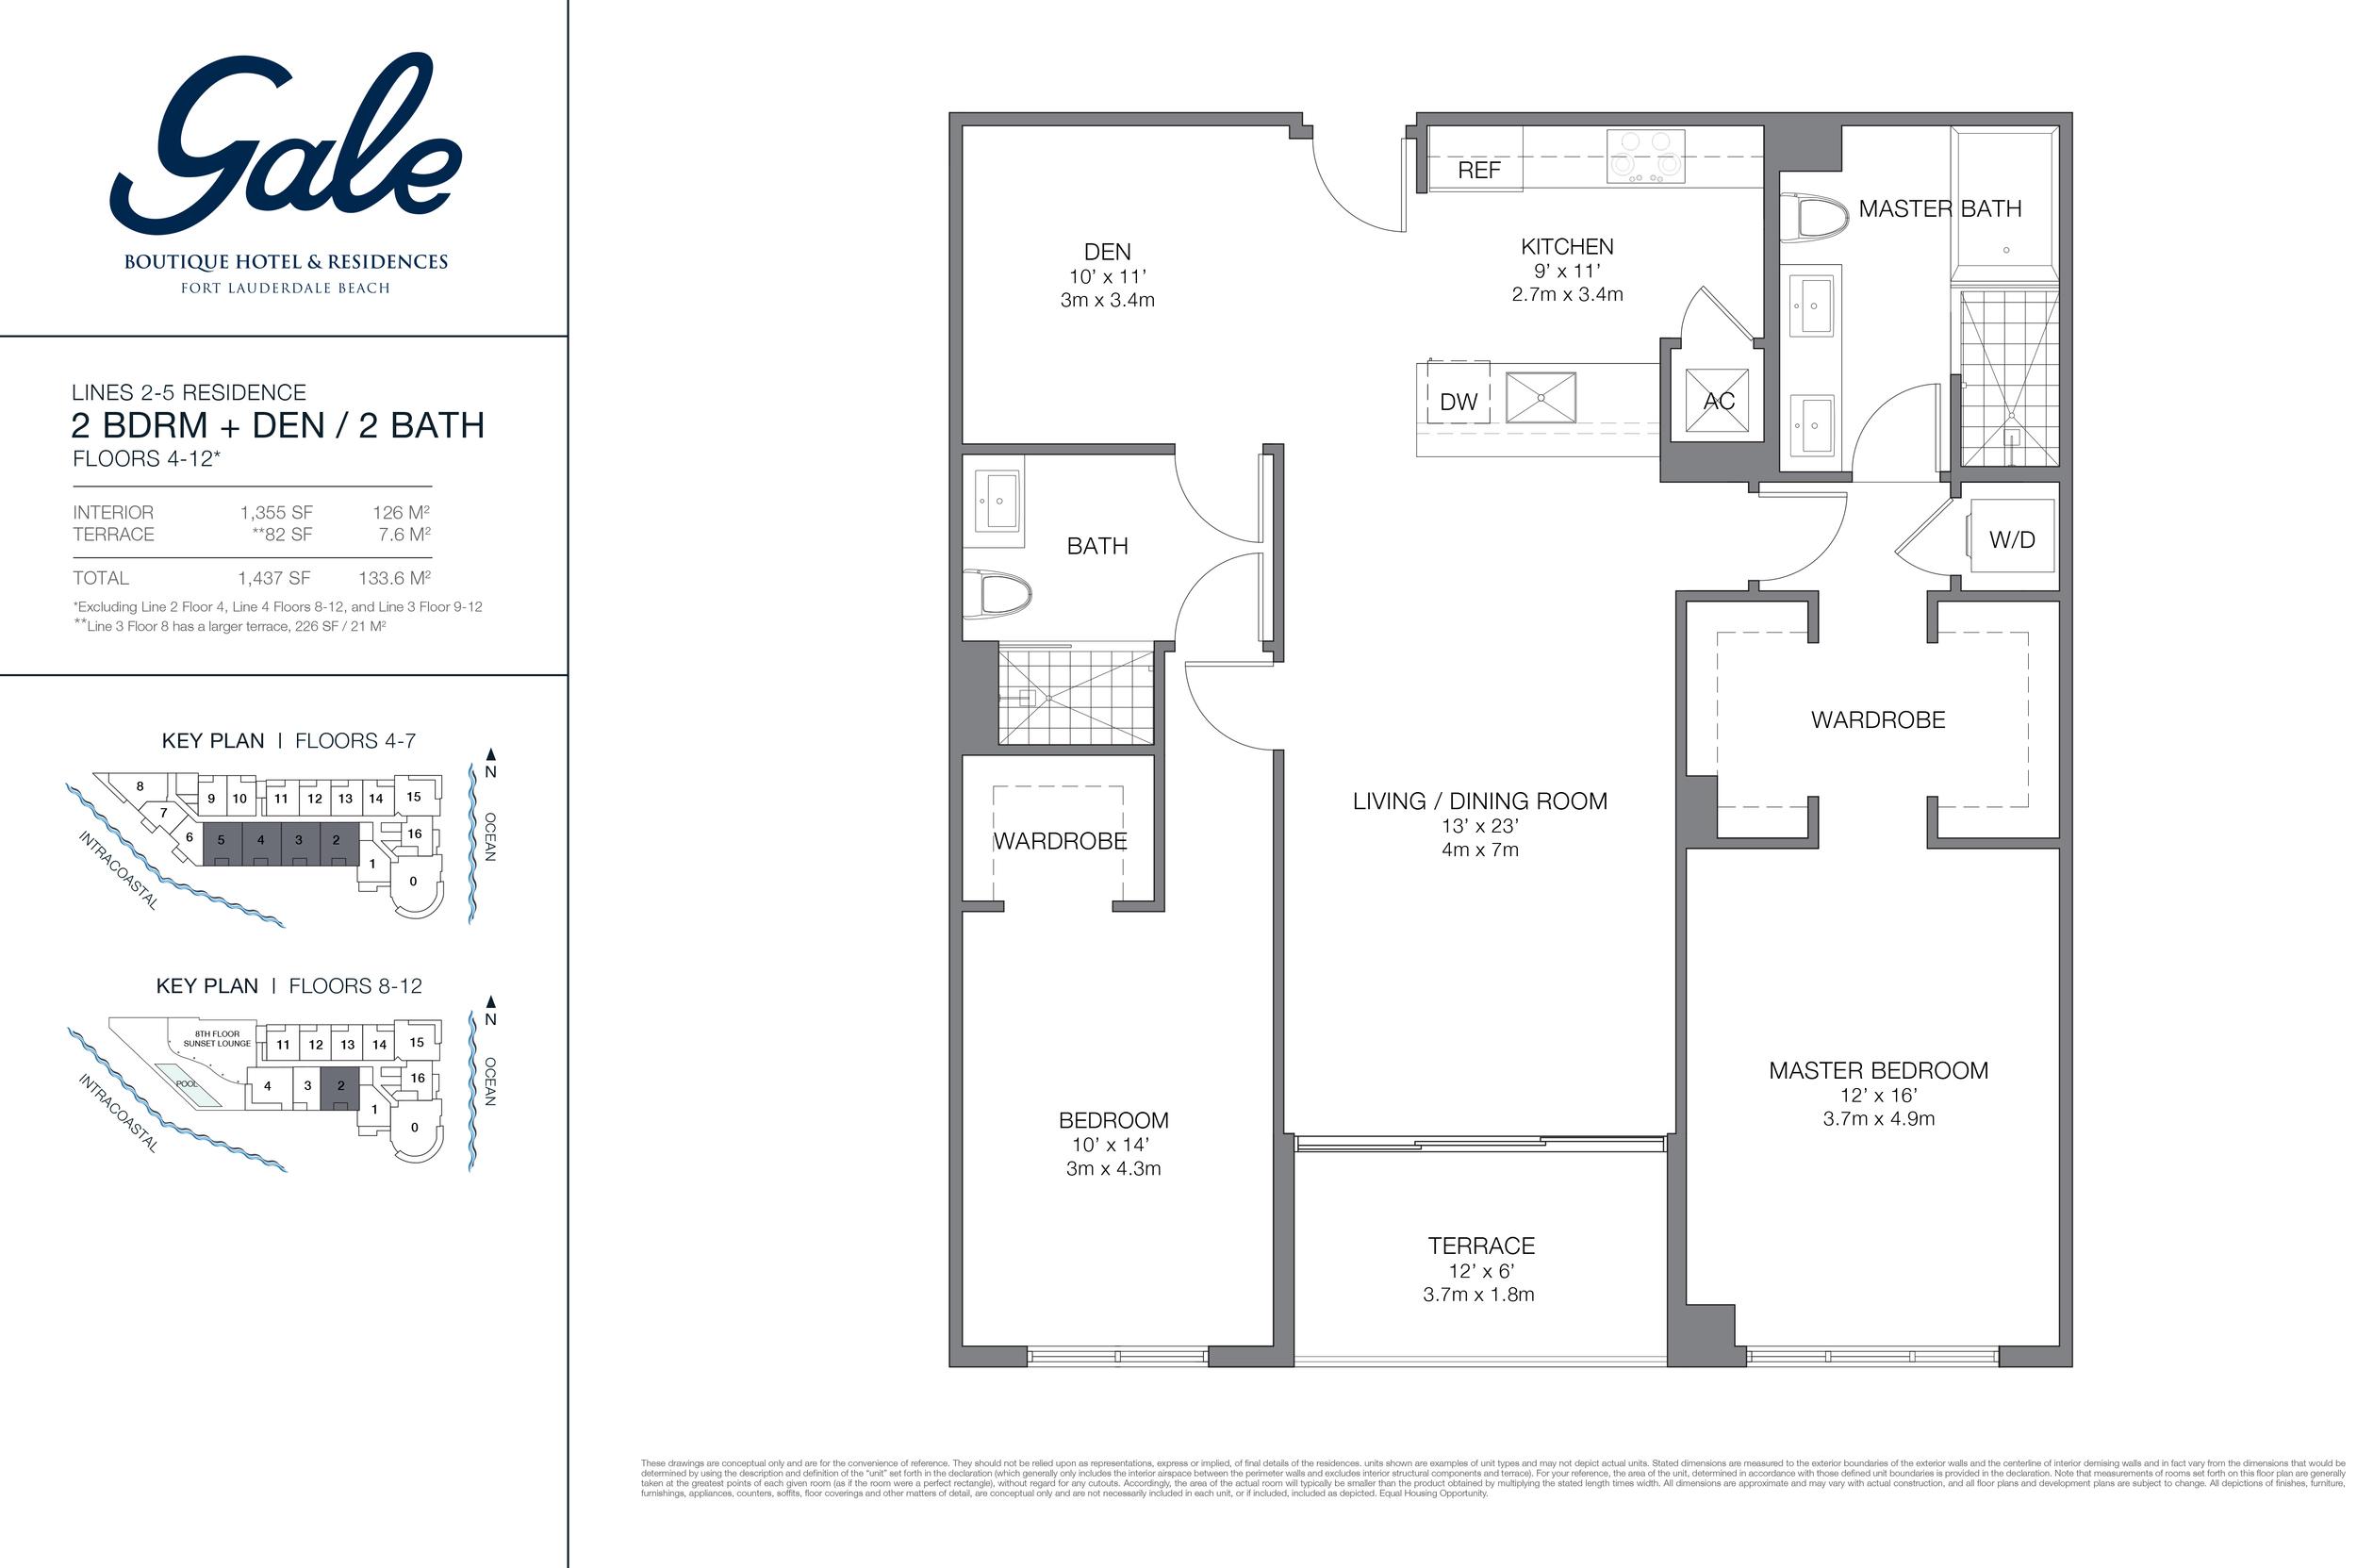 Gale Ft.Lauderdale Floor Plan Lines 2-5